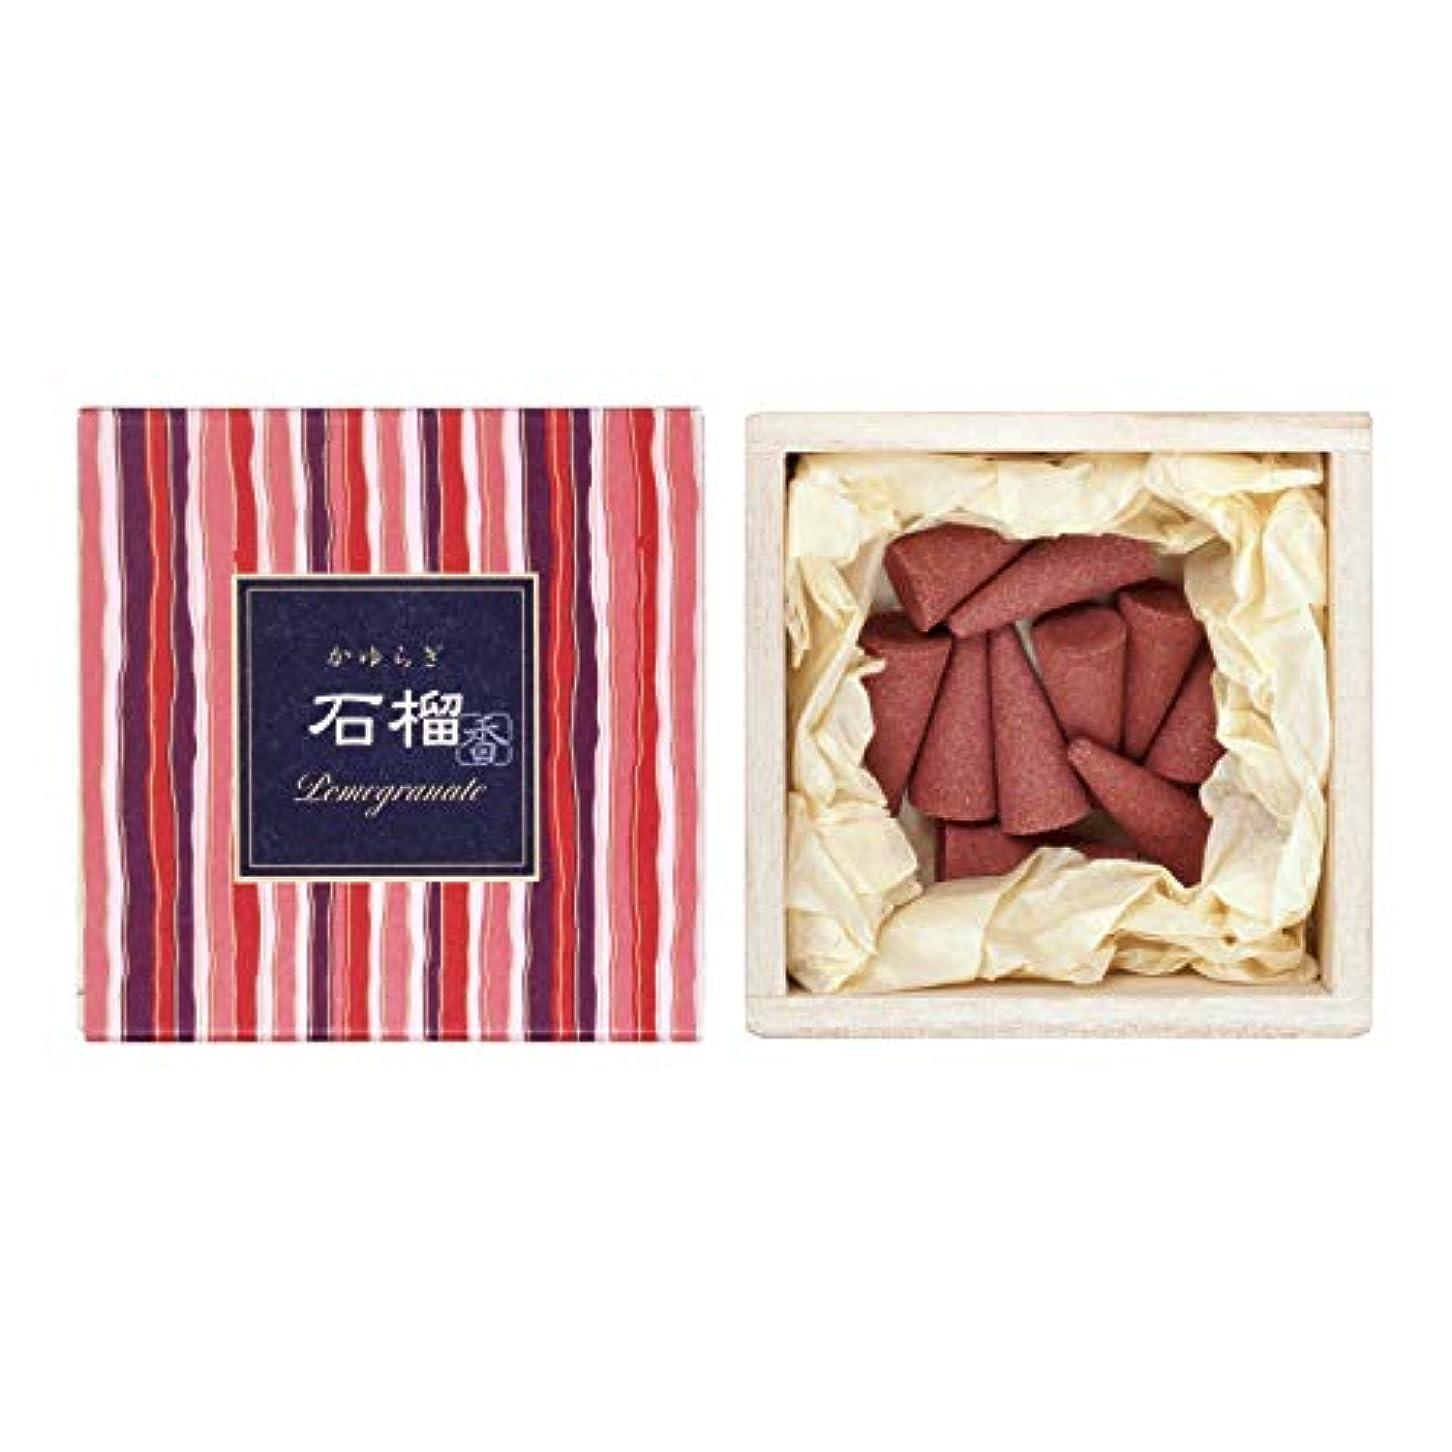 学期サイレント金属かゆらぎ 石榴(ざくろ) コーン12個入 香立付